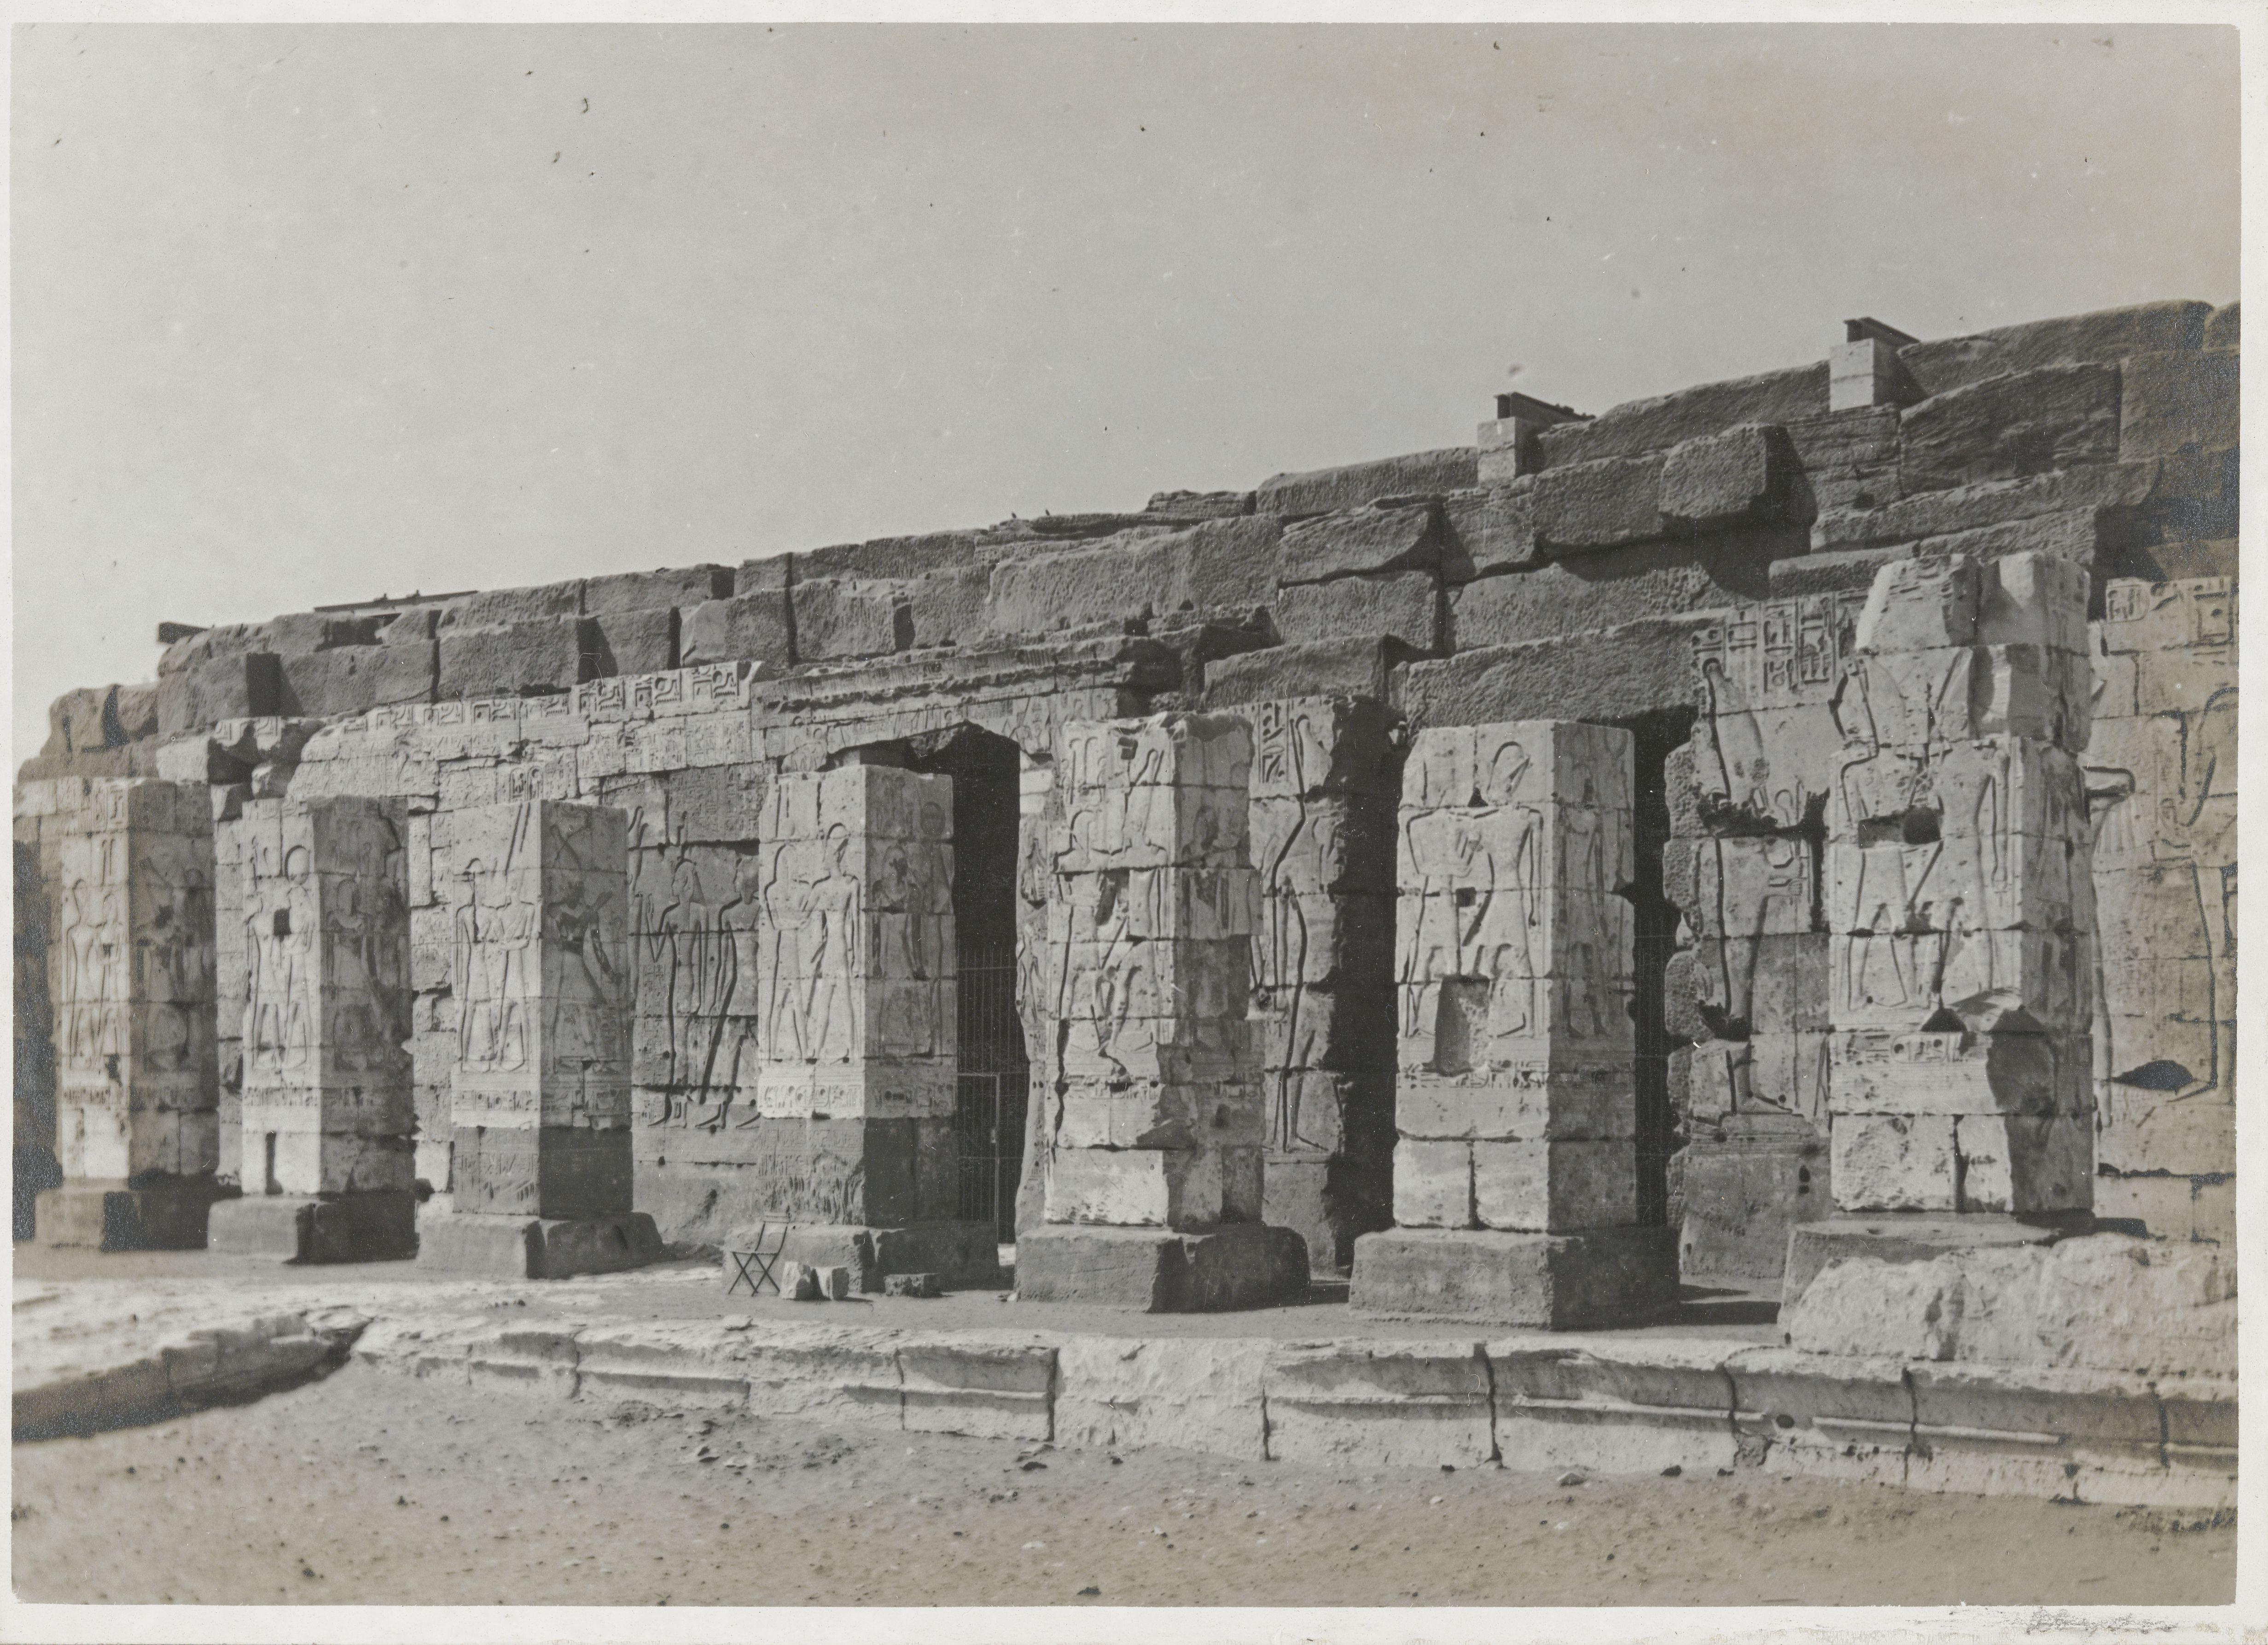 Абидос. Поминальный храм Сети I. Второй двор, колонный зал перед главным входом. Рельефы показывают Рамсеса с богами